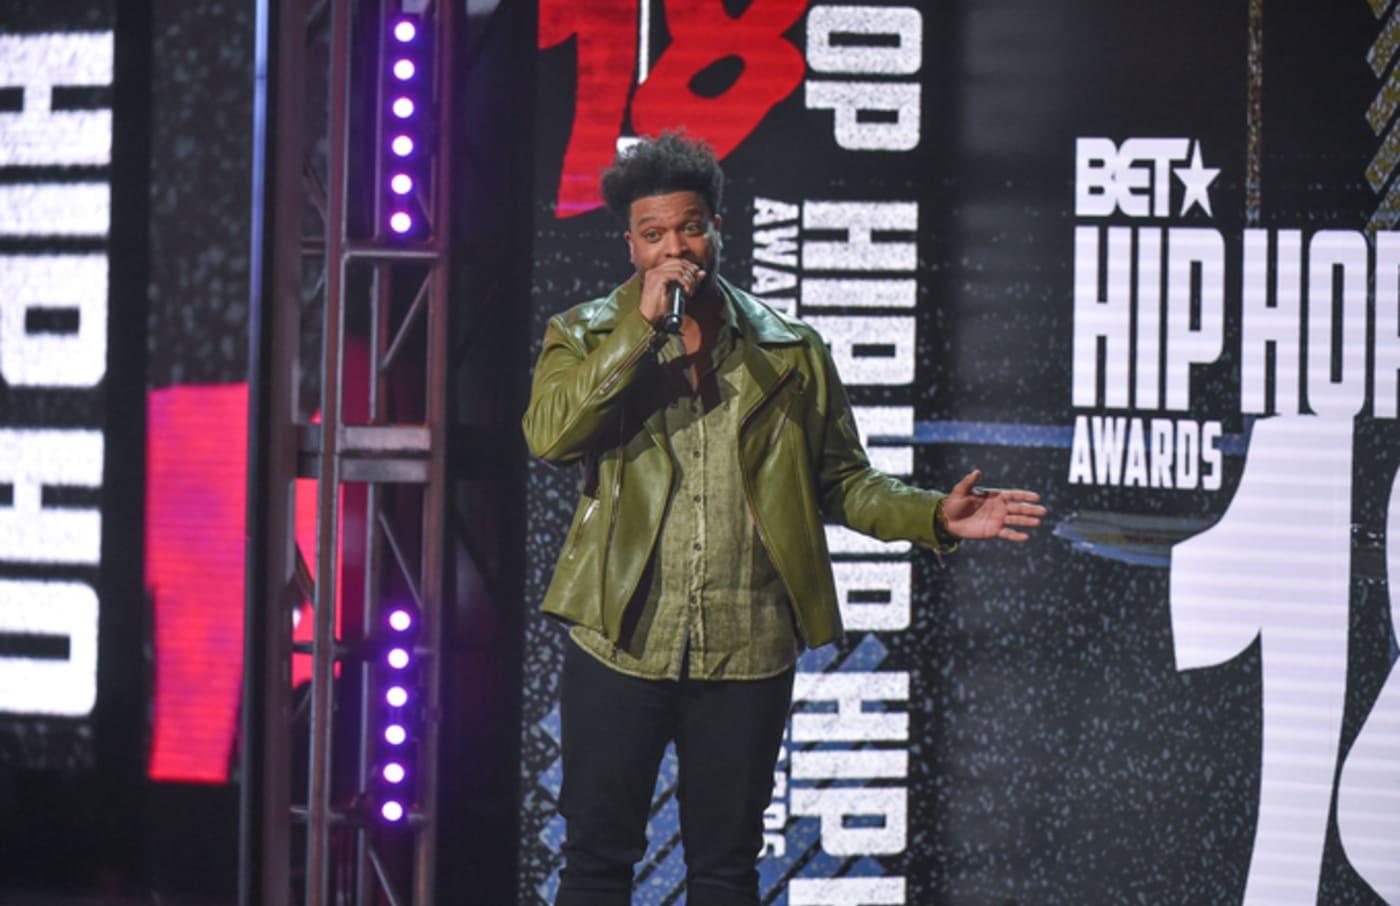 bet hip hop awards deray